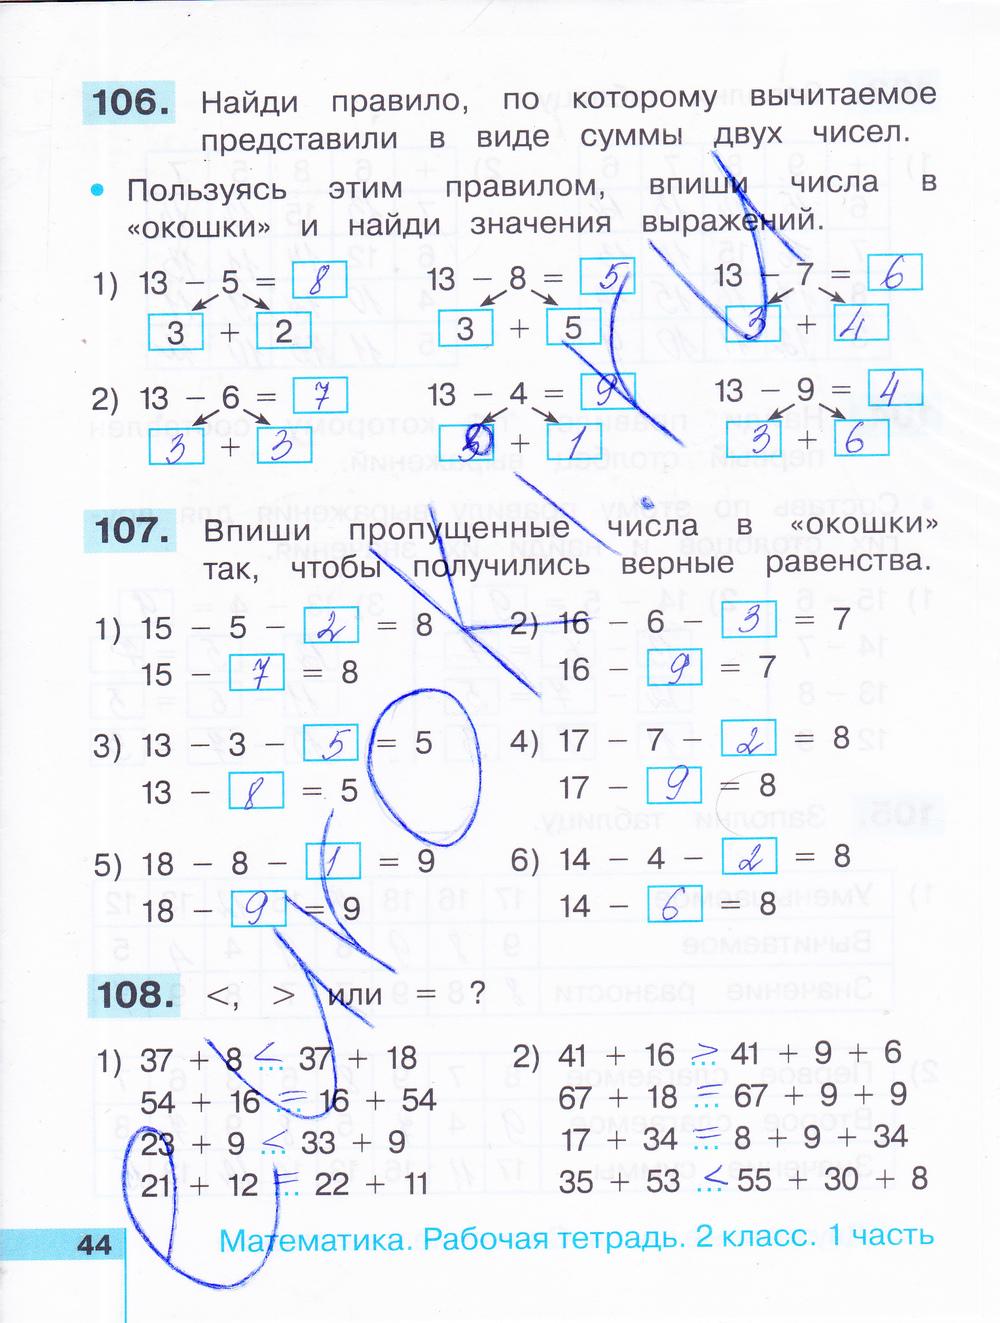 1 часть 2 по 44 класс математике гдз страница